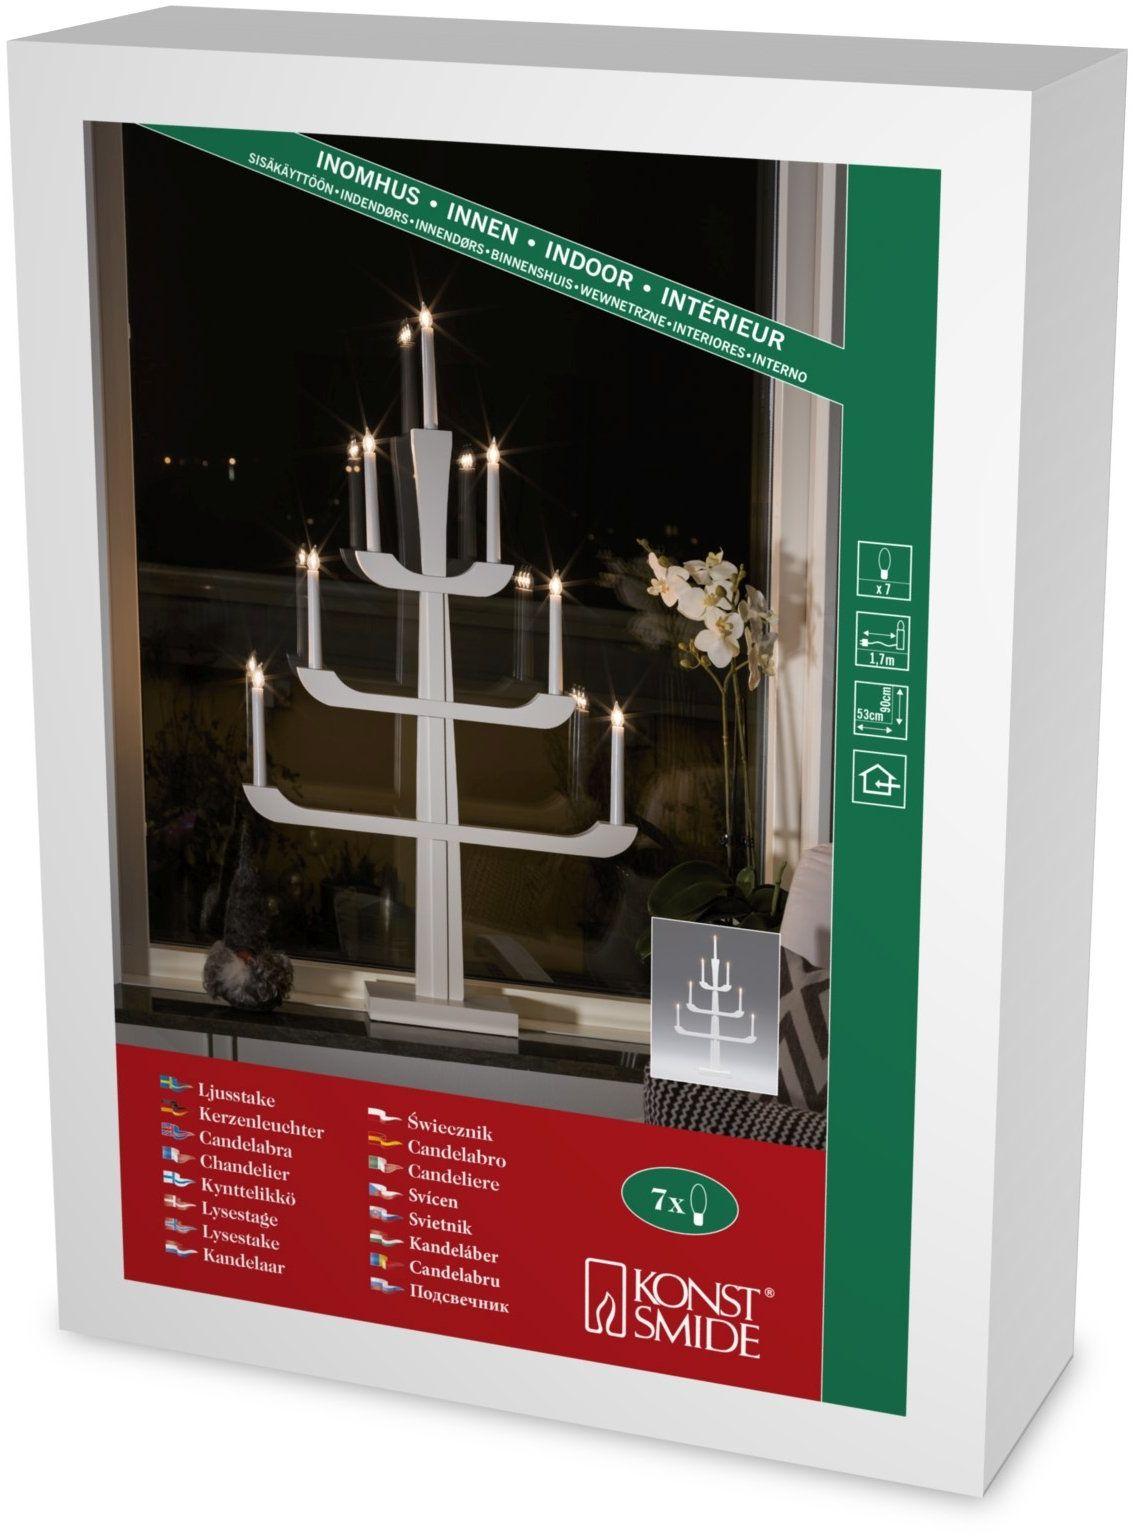 Konstsmide Drewniany świecznik, lakierowany na biało, 7 przezroczystych żarówek, 230 V, wewnątrz, biały kabel 3585-210